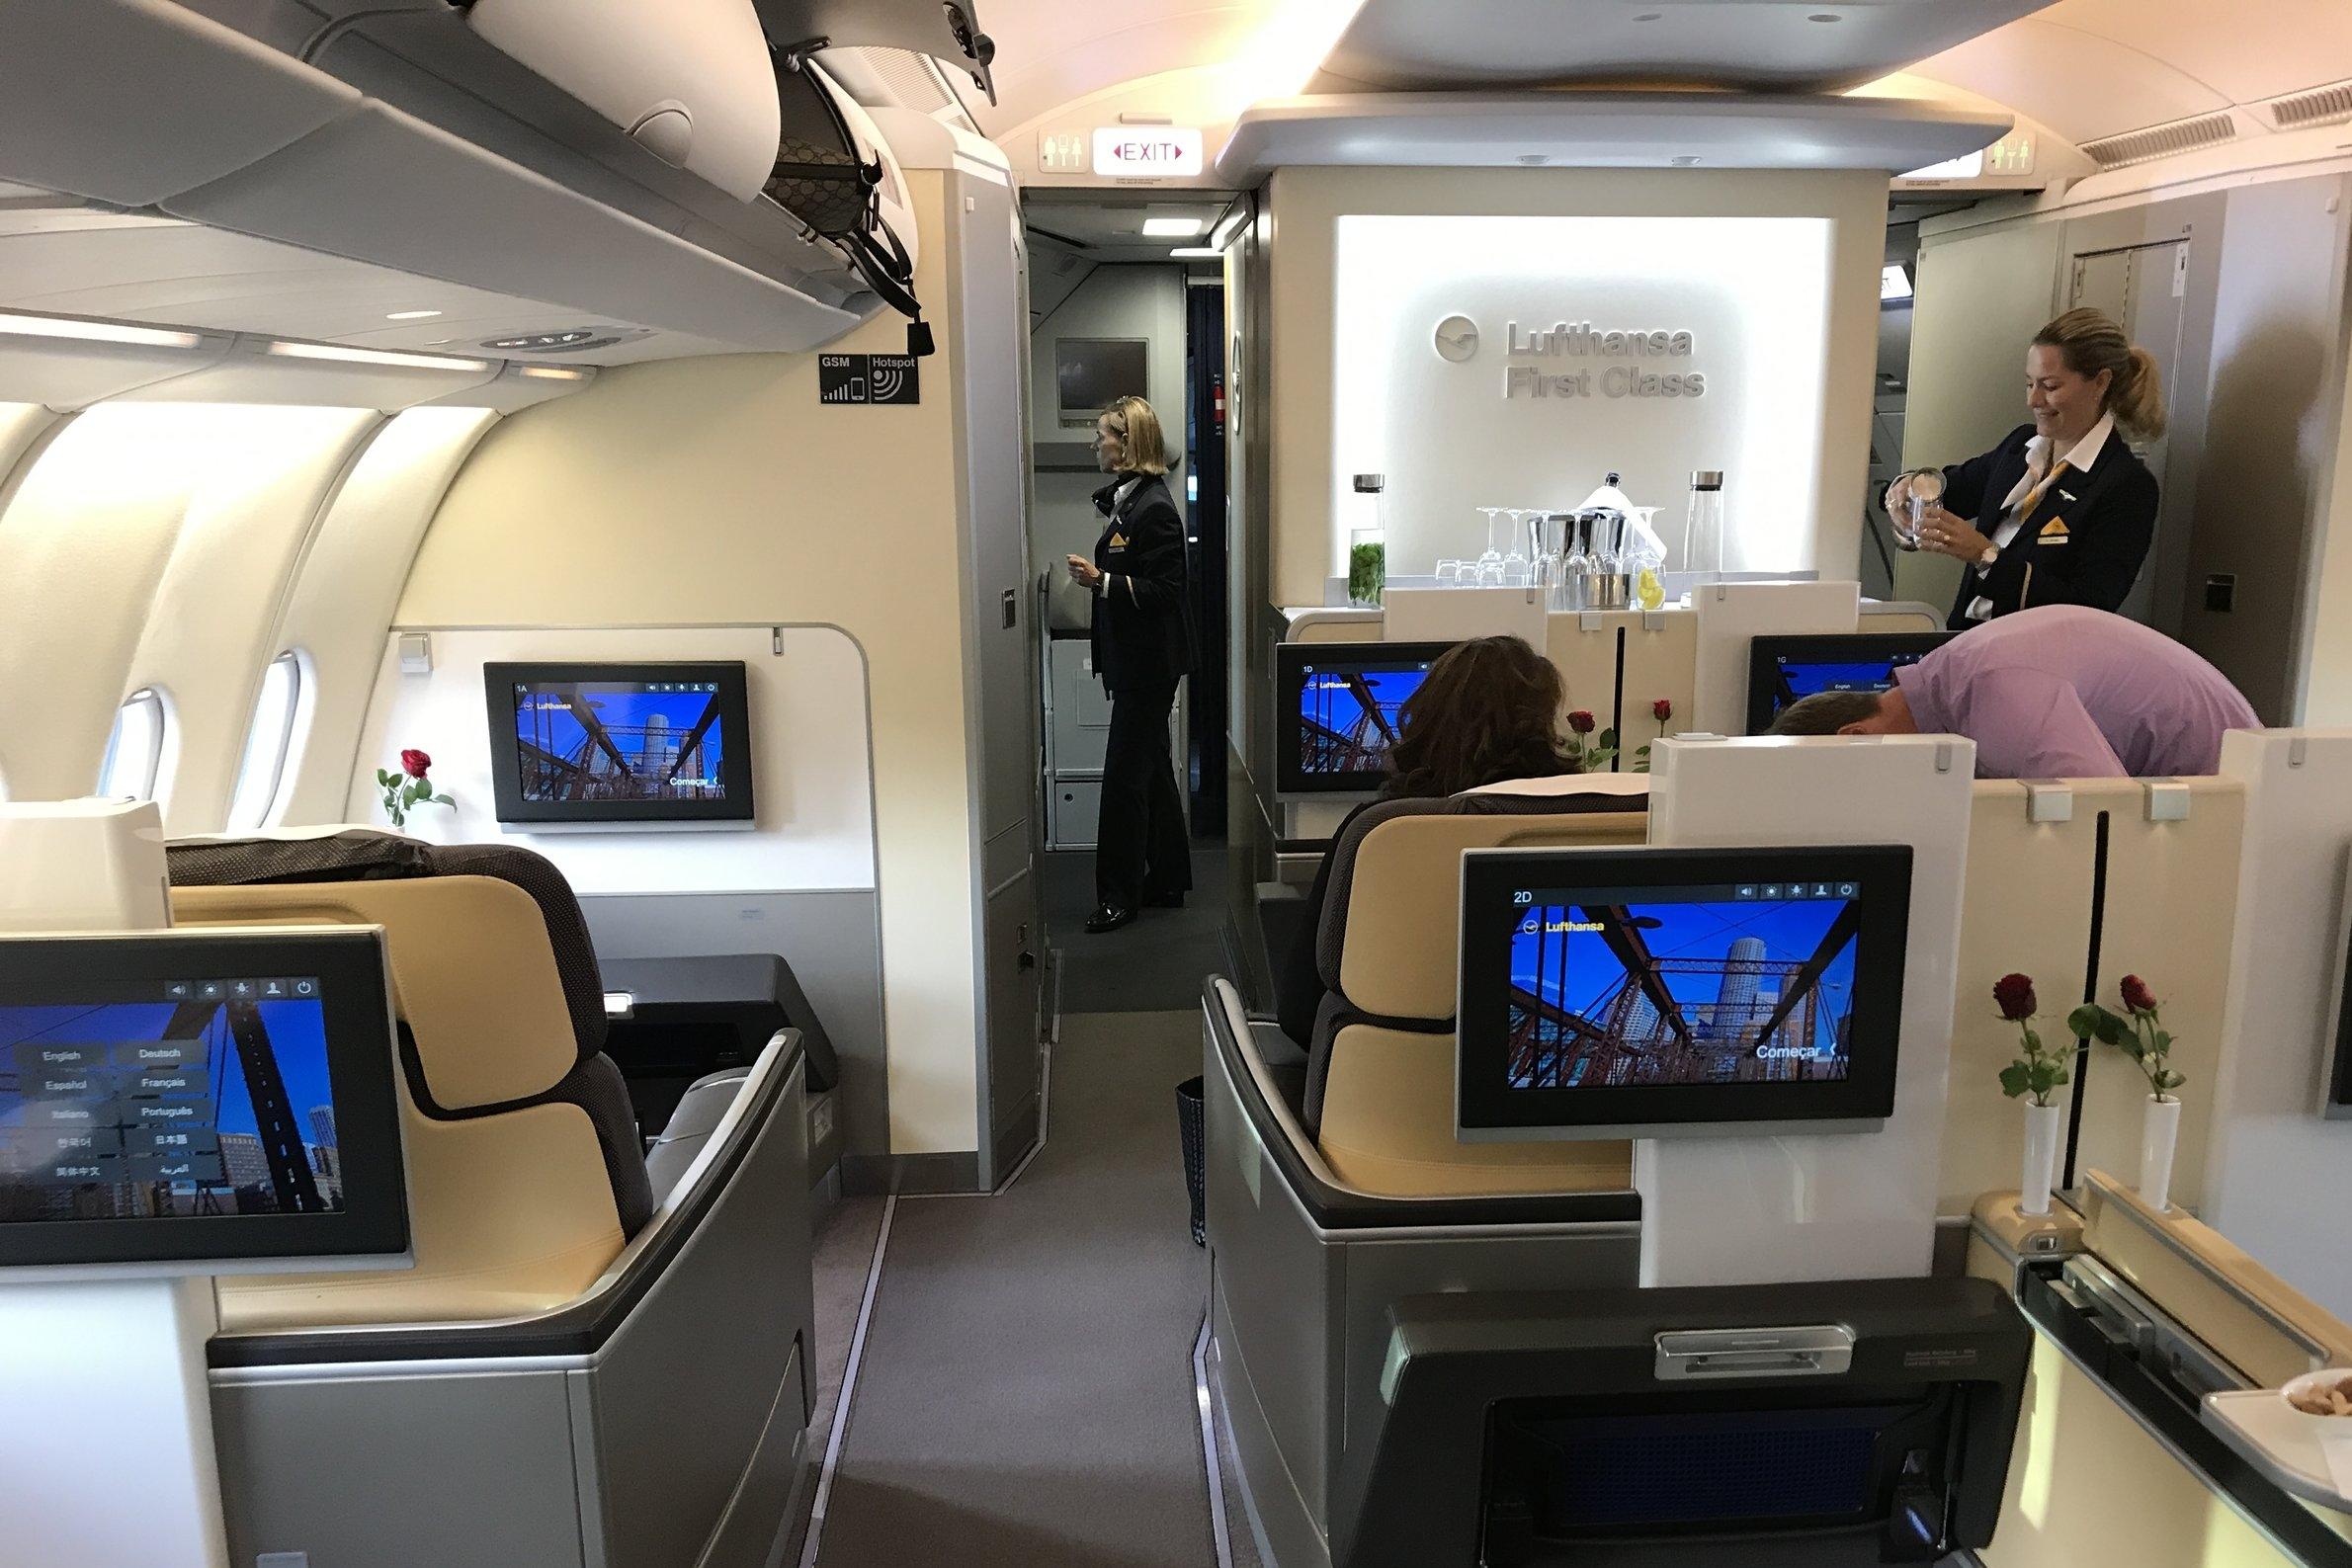 Lufthansa First Class – Cabin